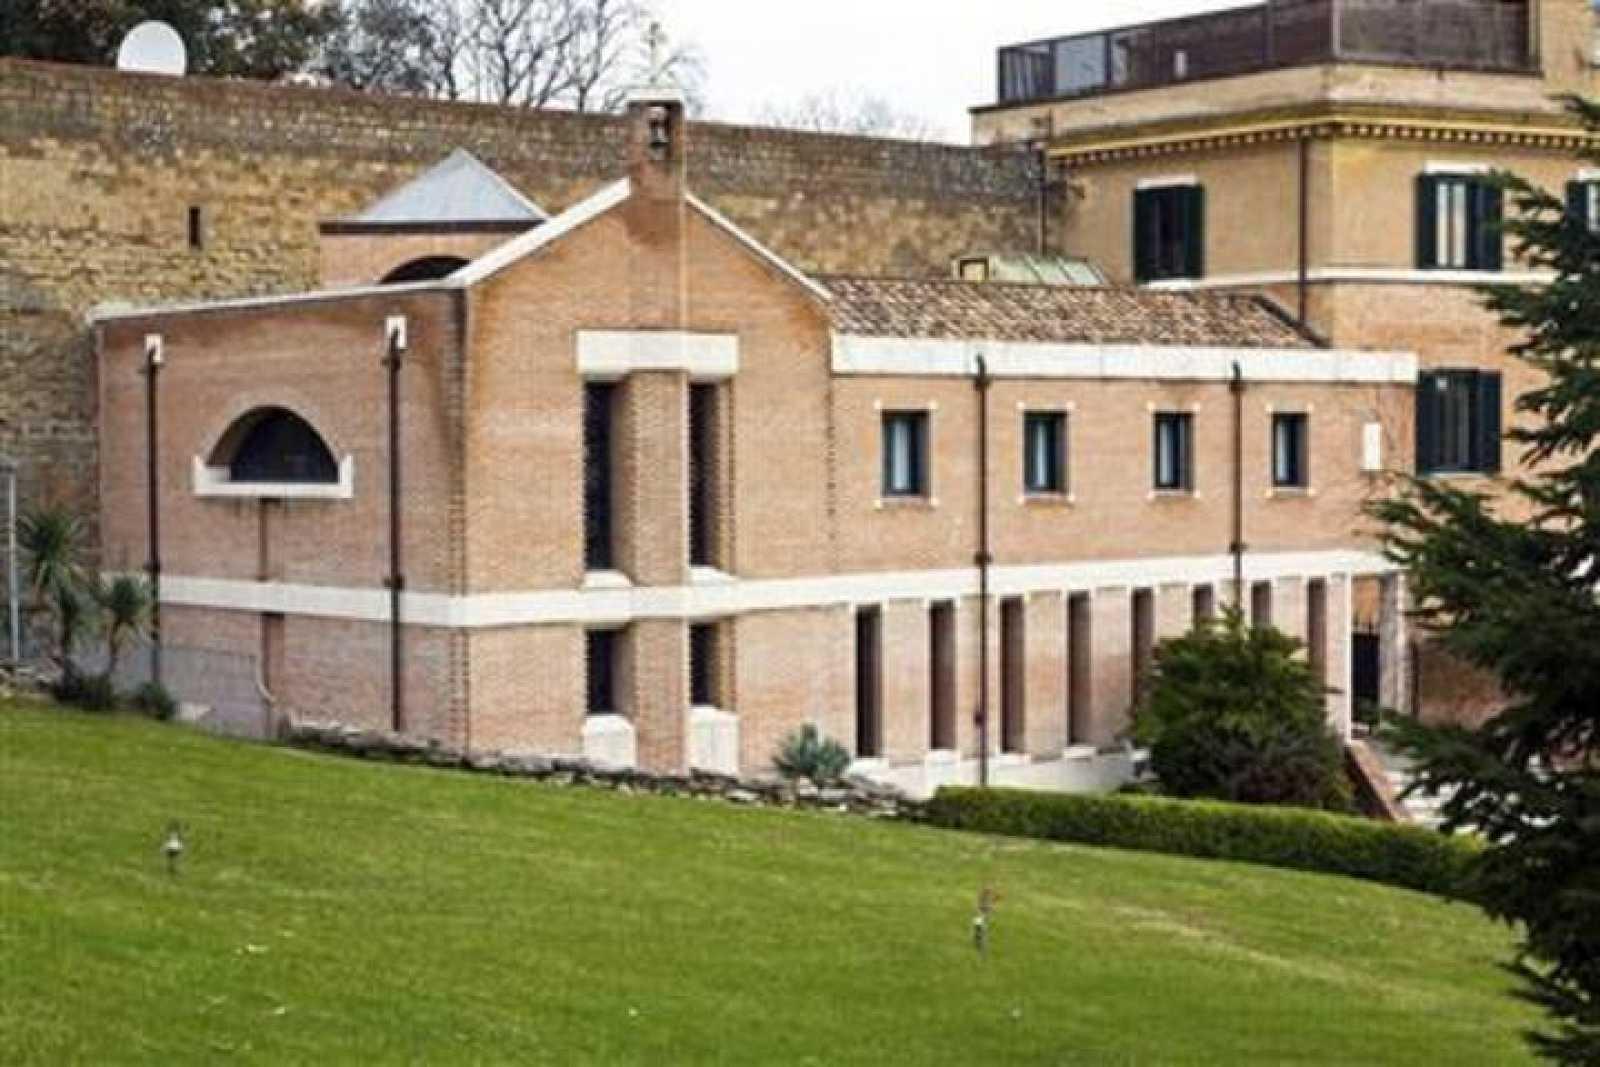 Imagen del monasterio Mater Ecclesiae, en el Vaticano, tomada en enero de 2011